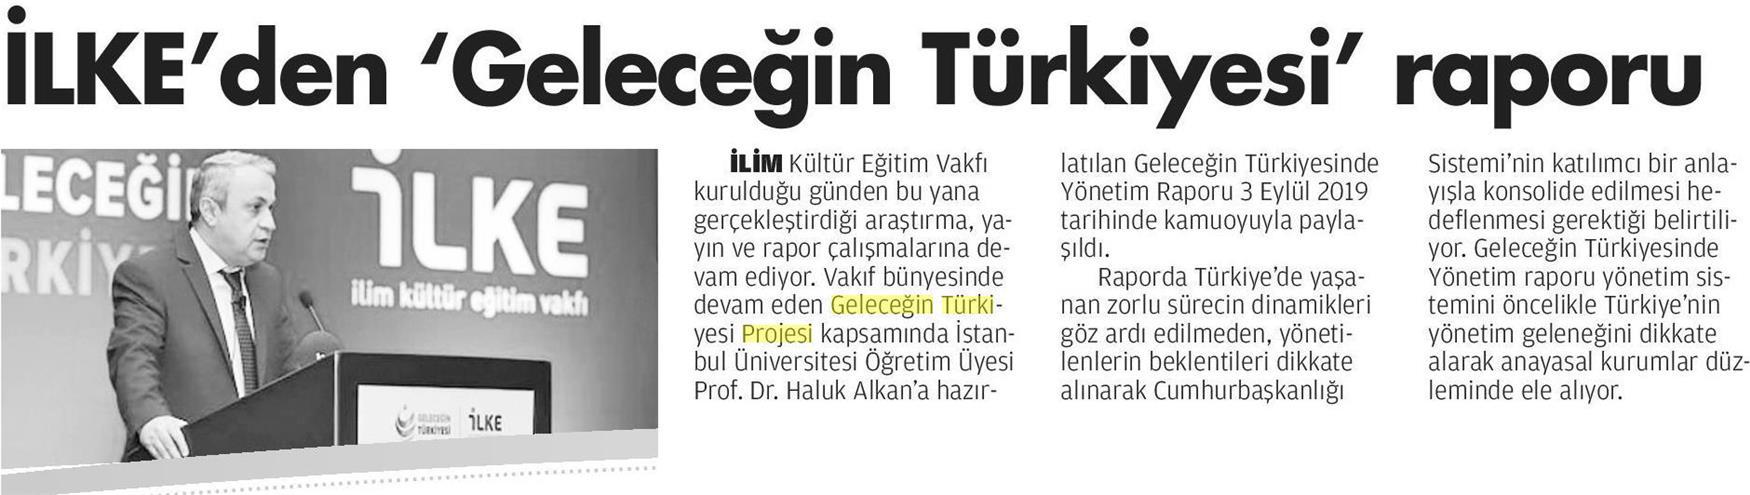 İLKE'den Geleceğin Türkiyesi Raporu, Milat